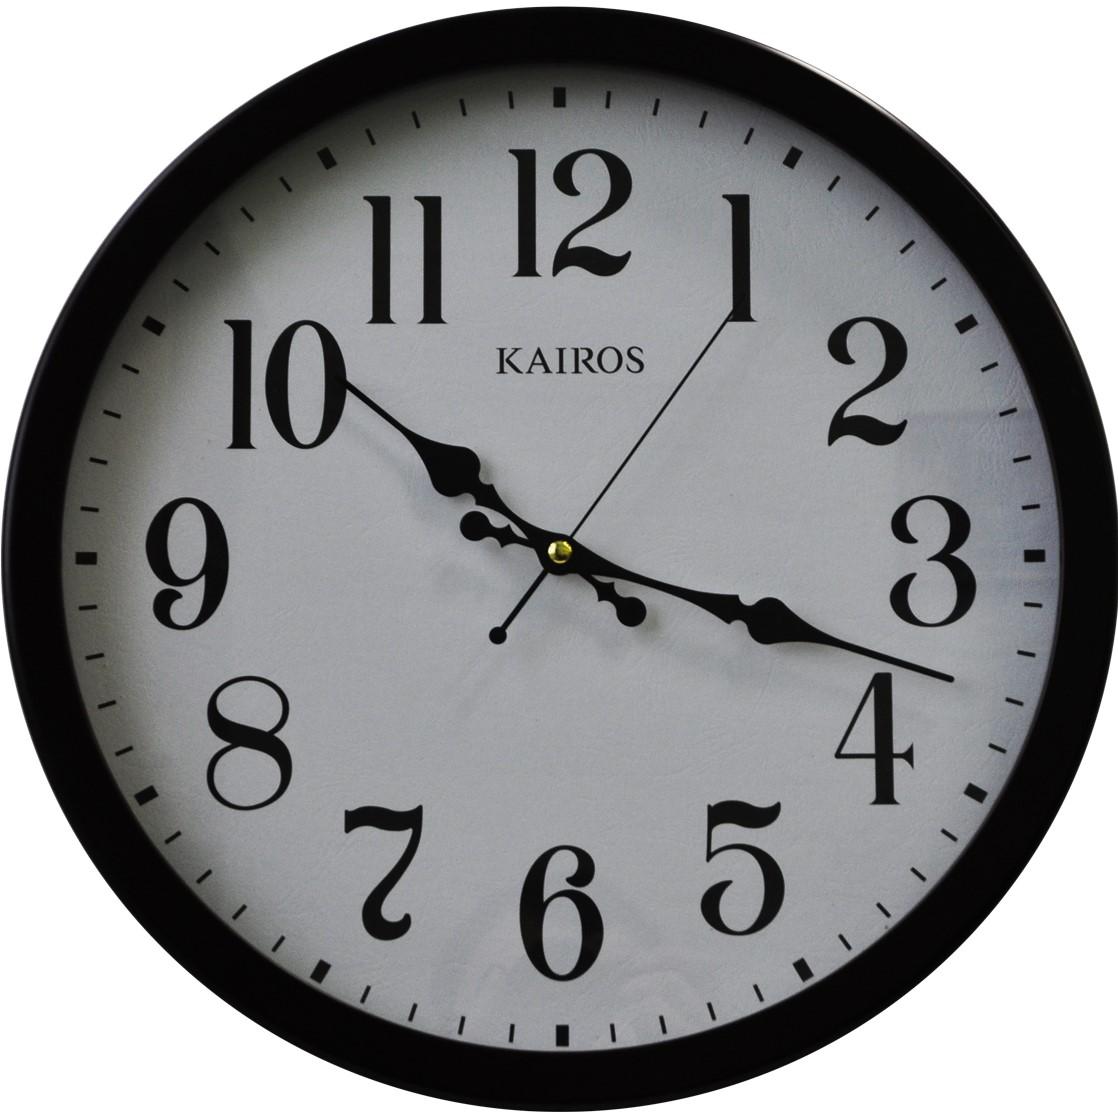 KAIROS KS-362-2